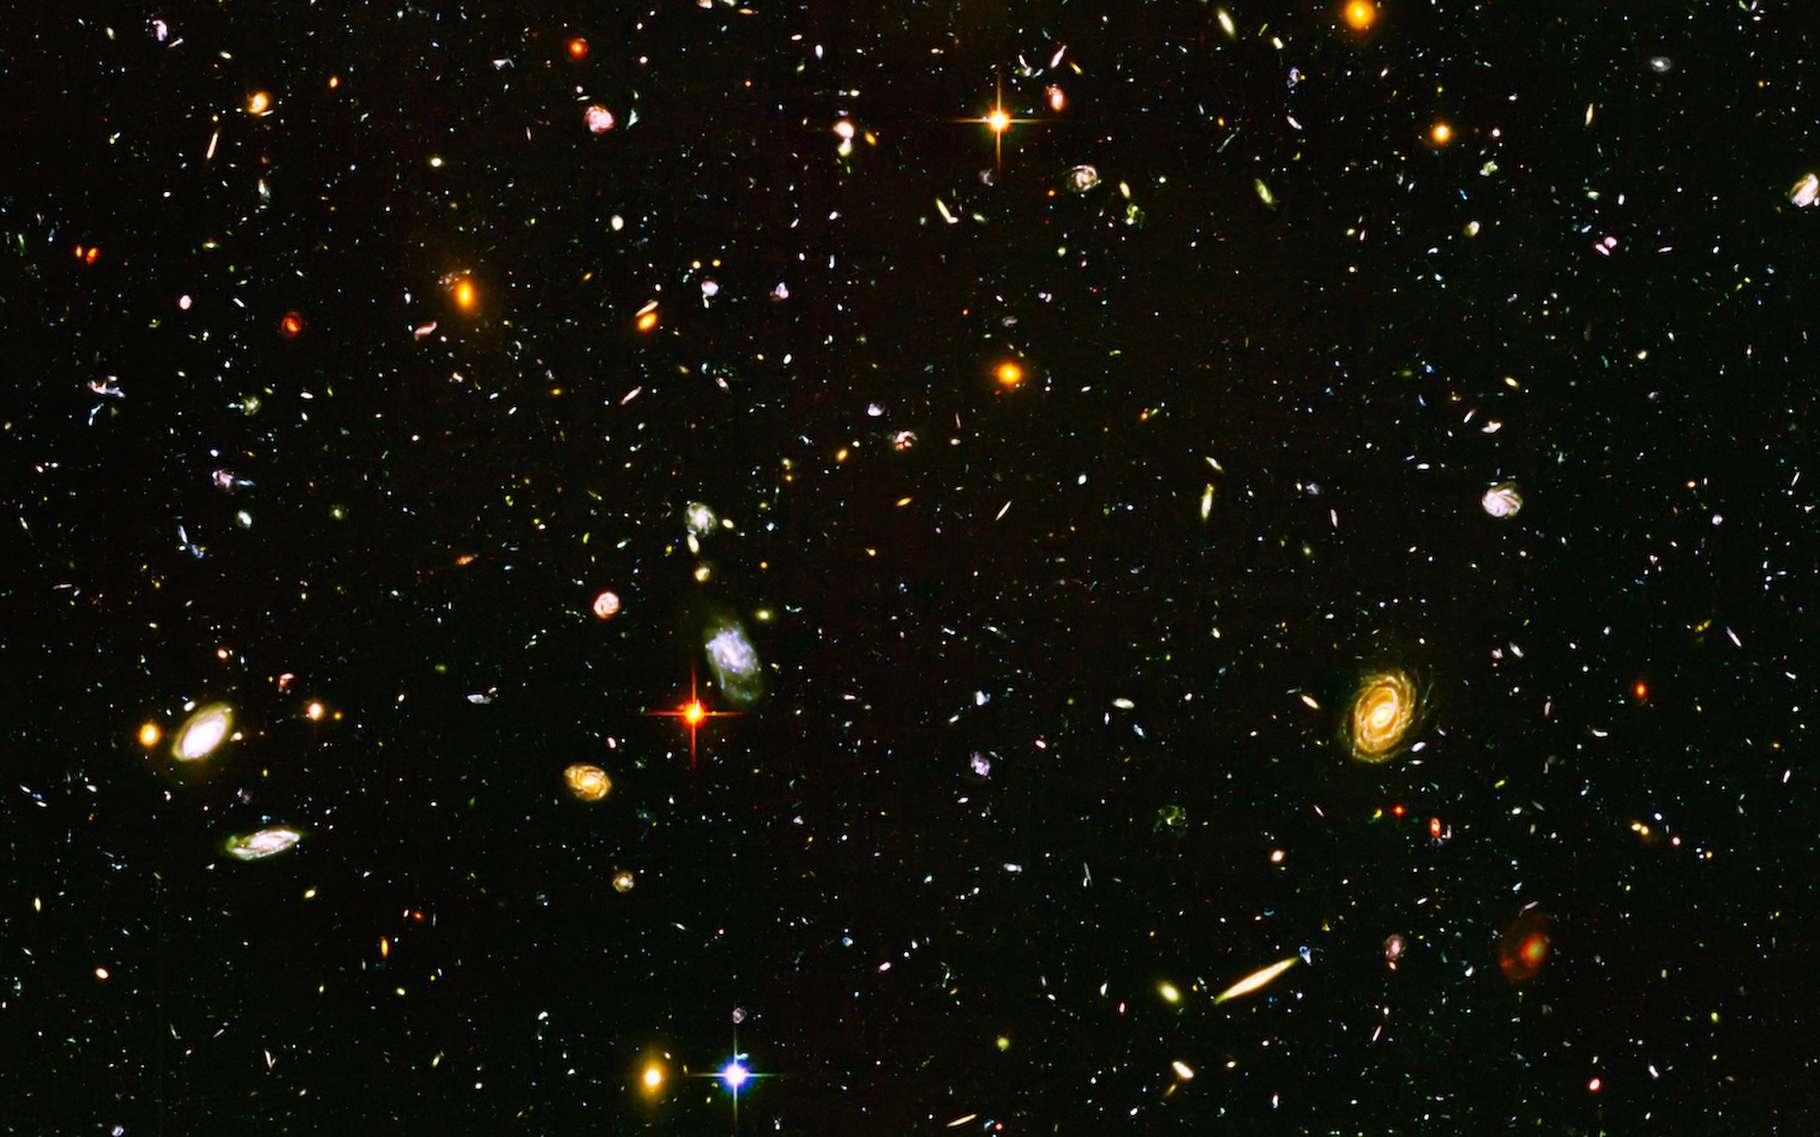 Des astronomes de l'université du Lancashire central (Royaume-Uni) annoncent avoir observé un « Arc géant » de 3,3 milliards d'années-lumière de long. Une structure tellement immense qu'elle pourrait ébranler le principe cosmologique. © allexxandarx, Adobe Stock